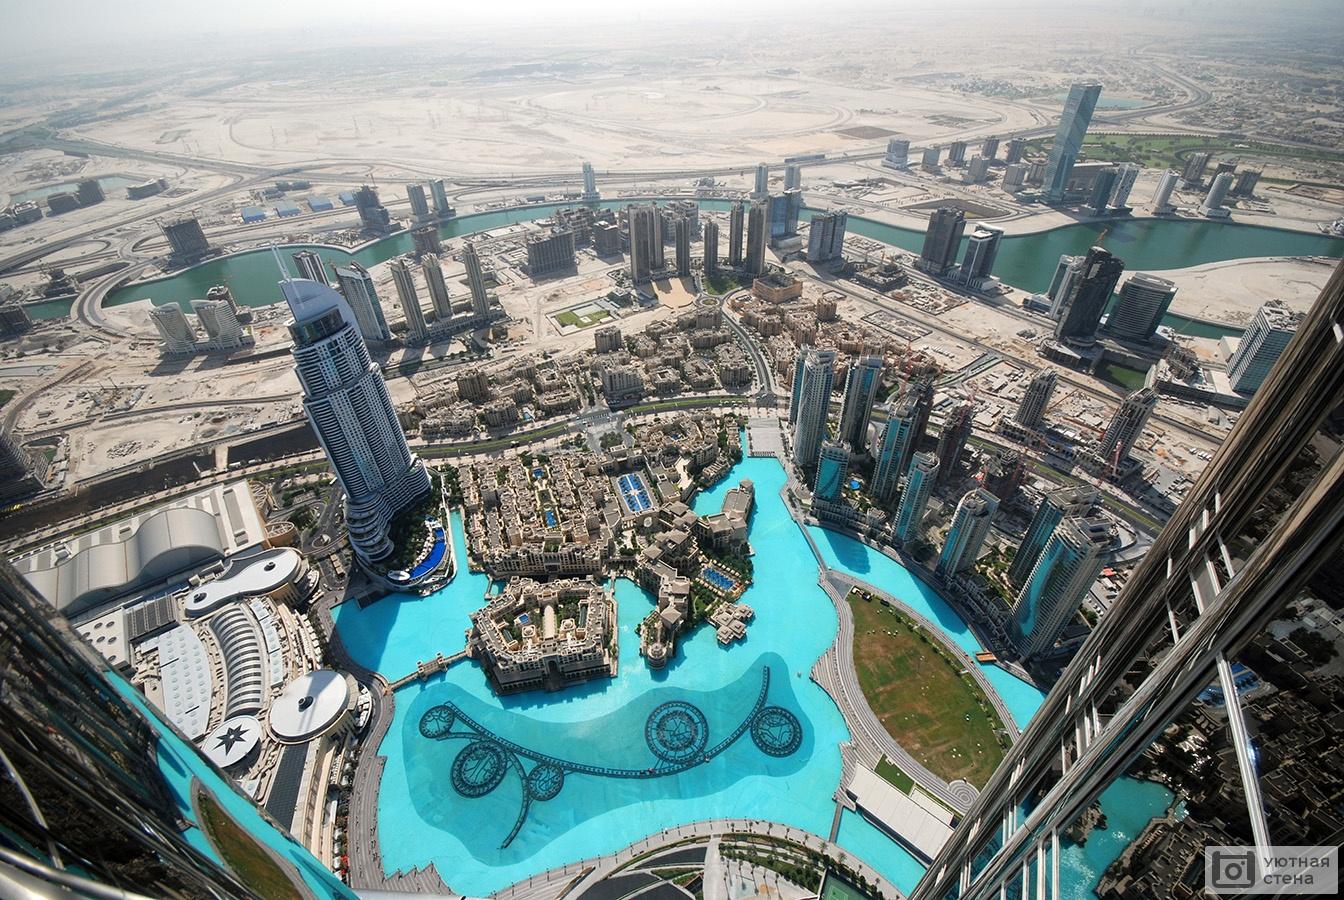 Дубай вид купить недвижимость в литве и получить вид на жительство